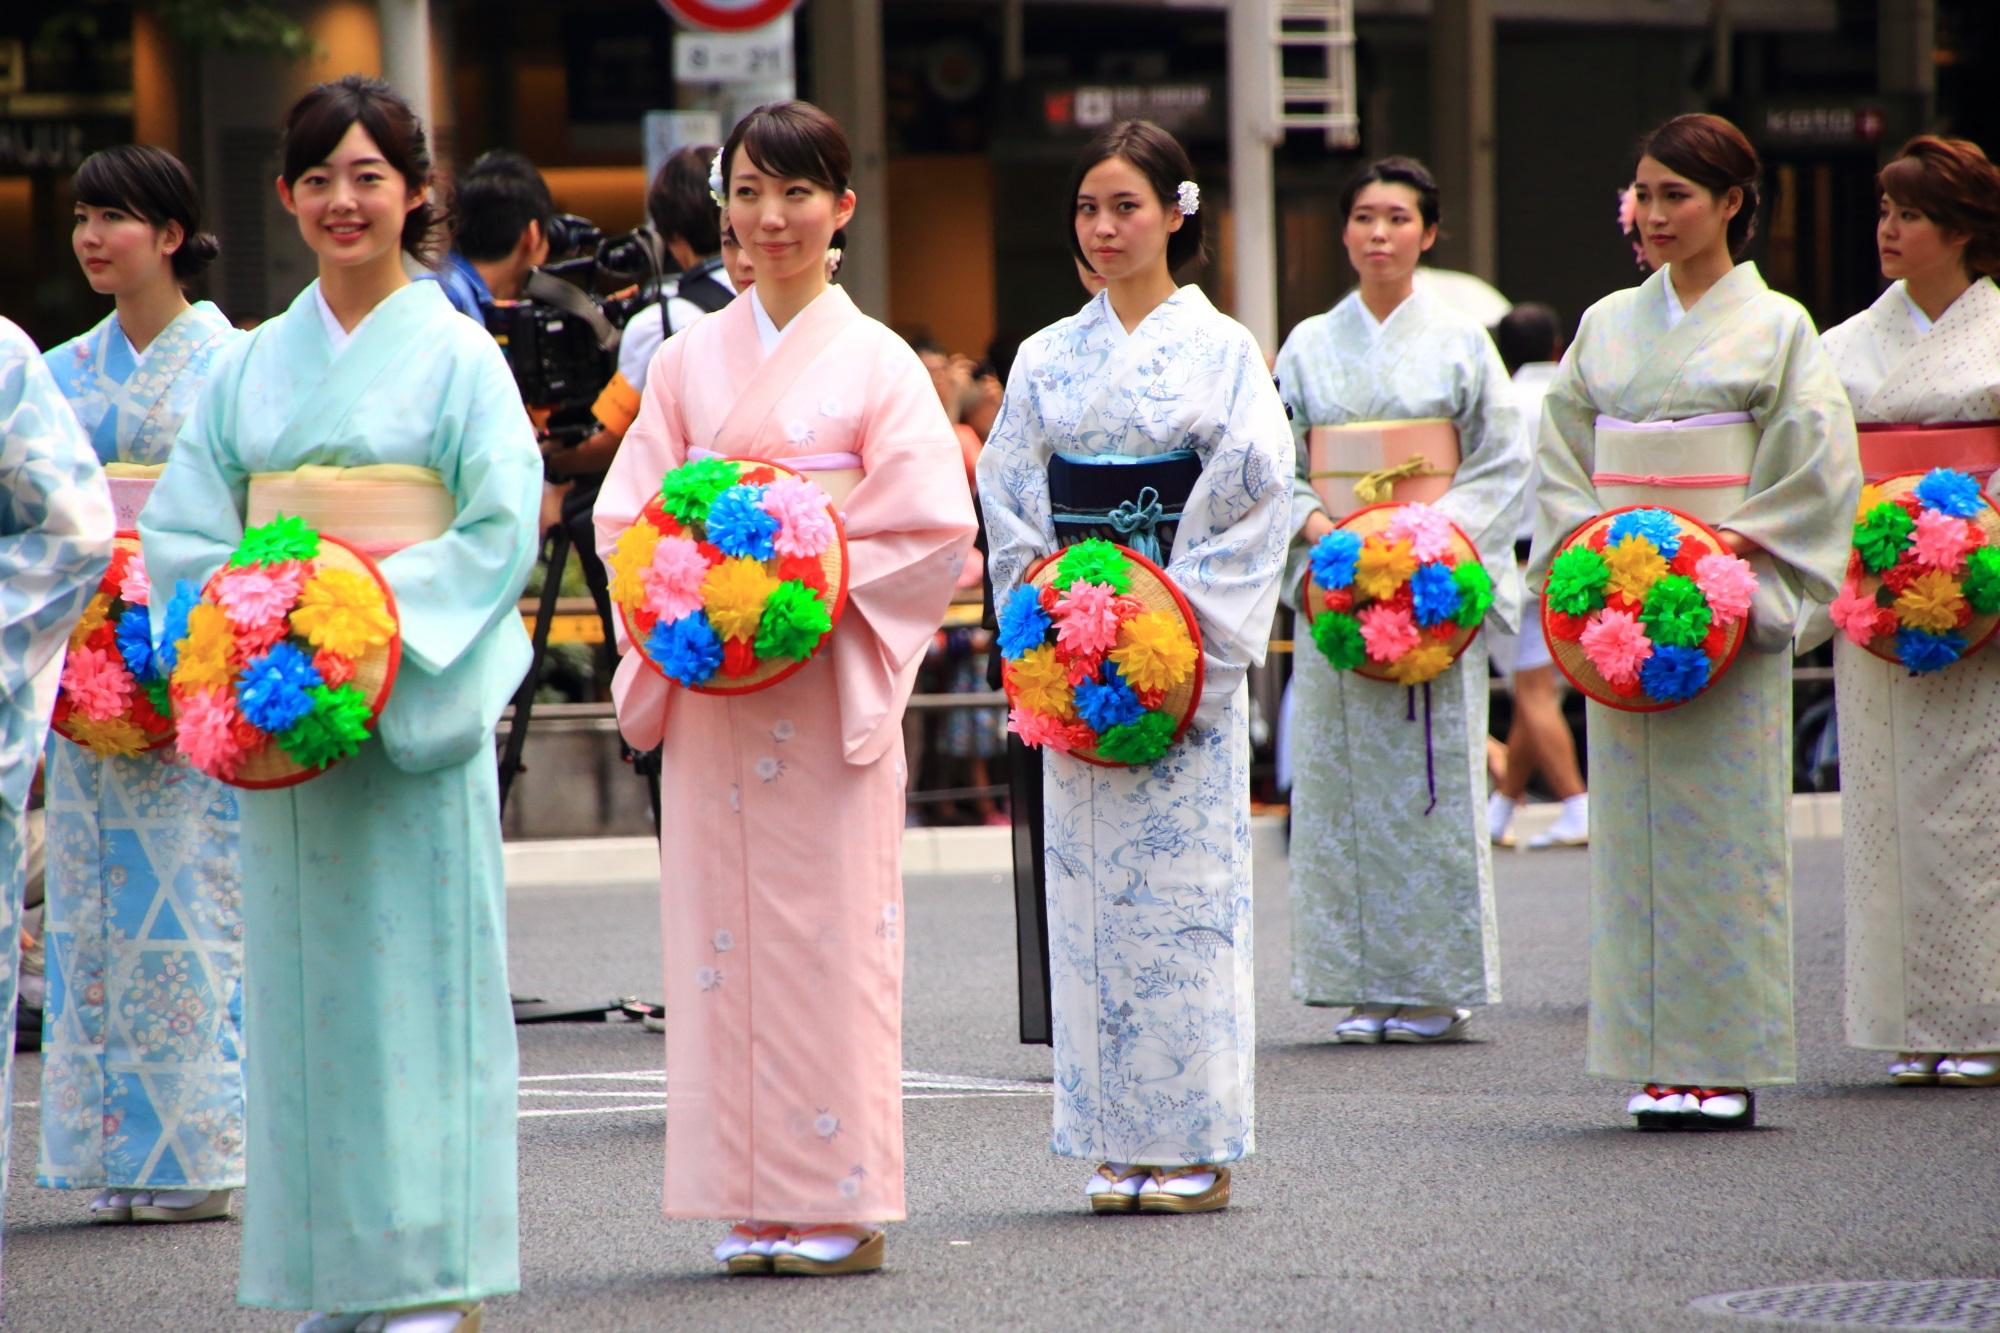 祇園祭の花傘巡行の花傘娘 7月24日